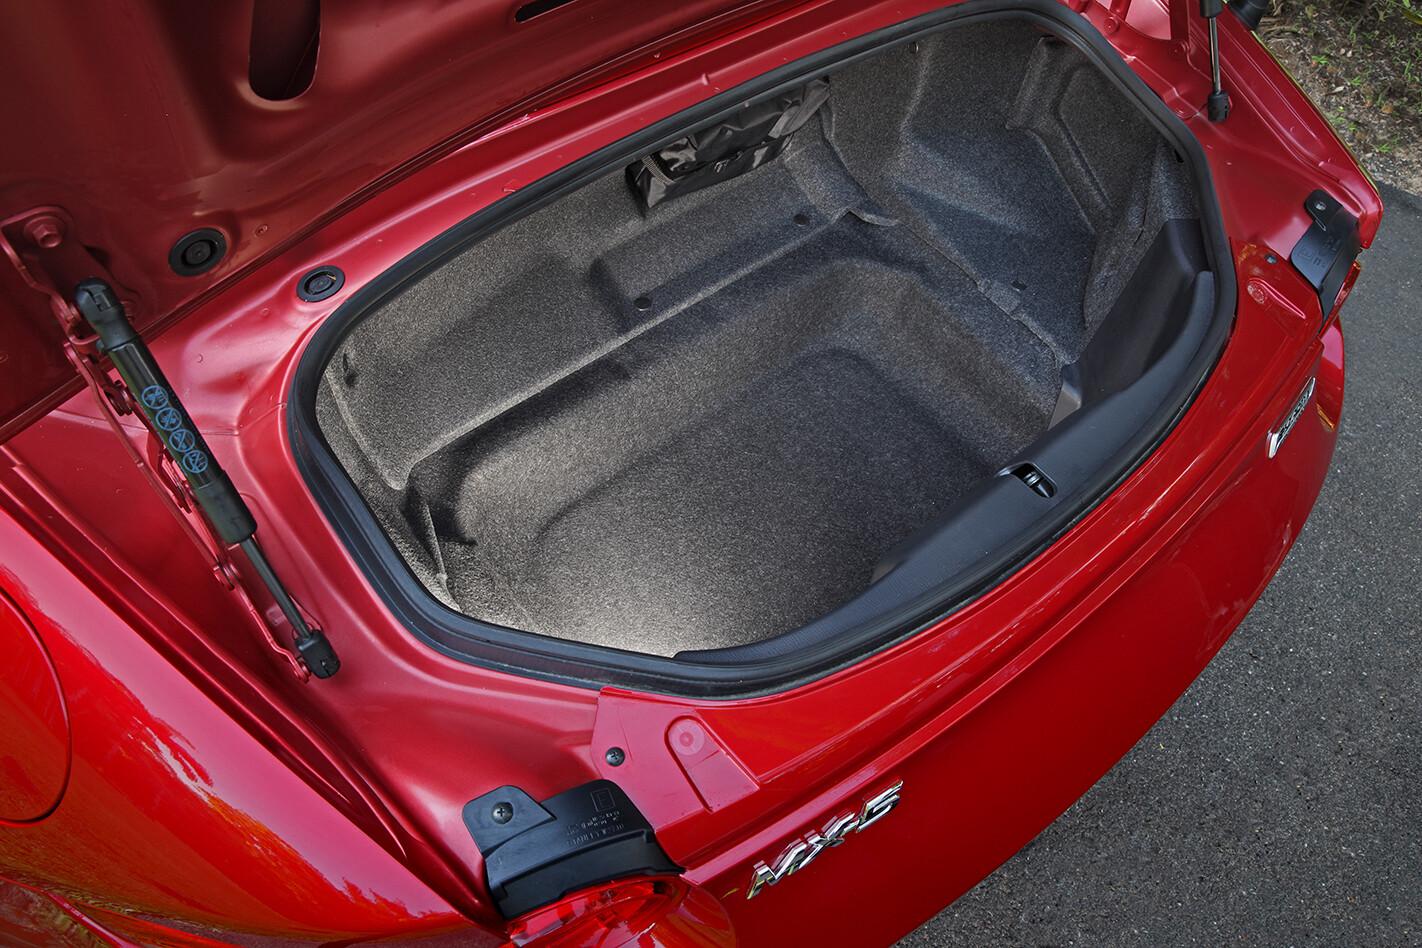 2015 Mazda MX-5 review